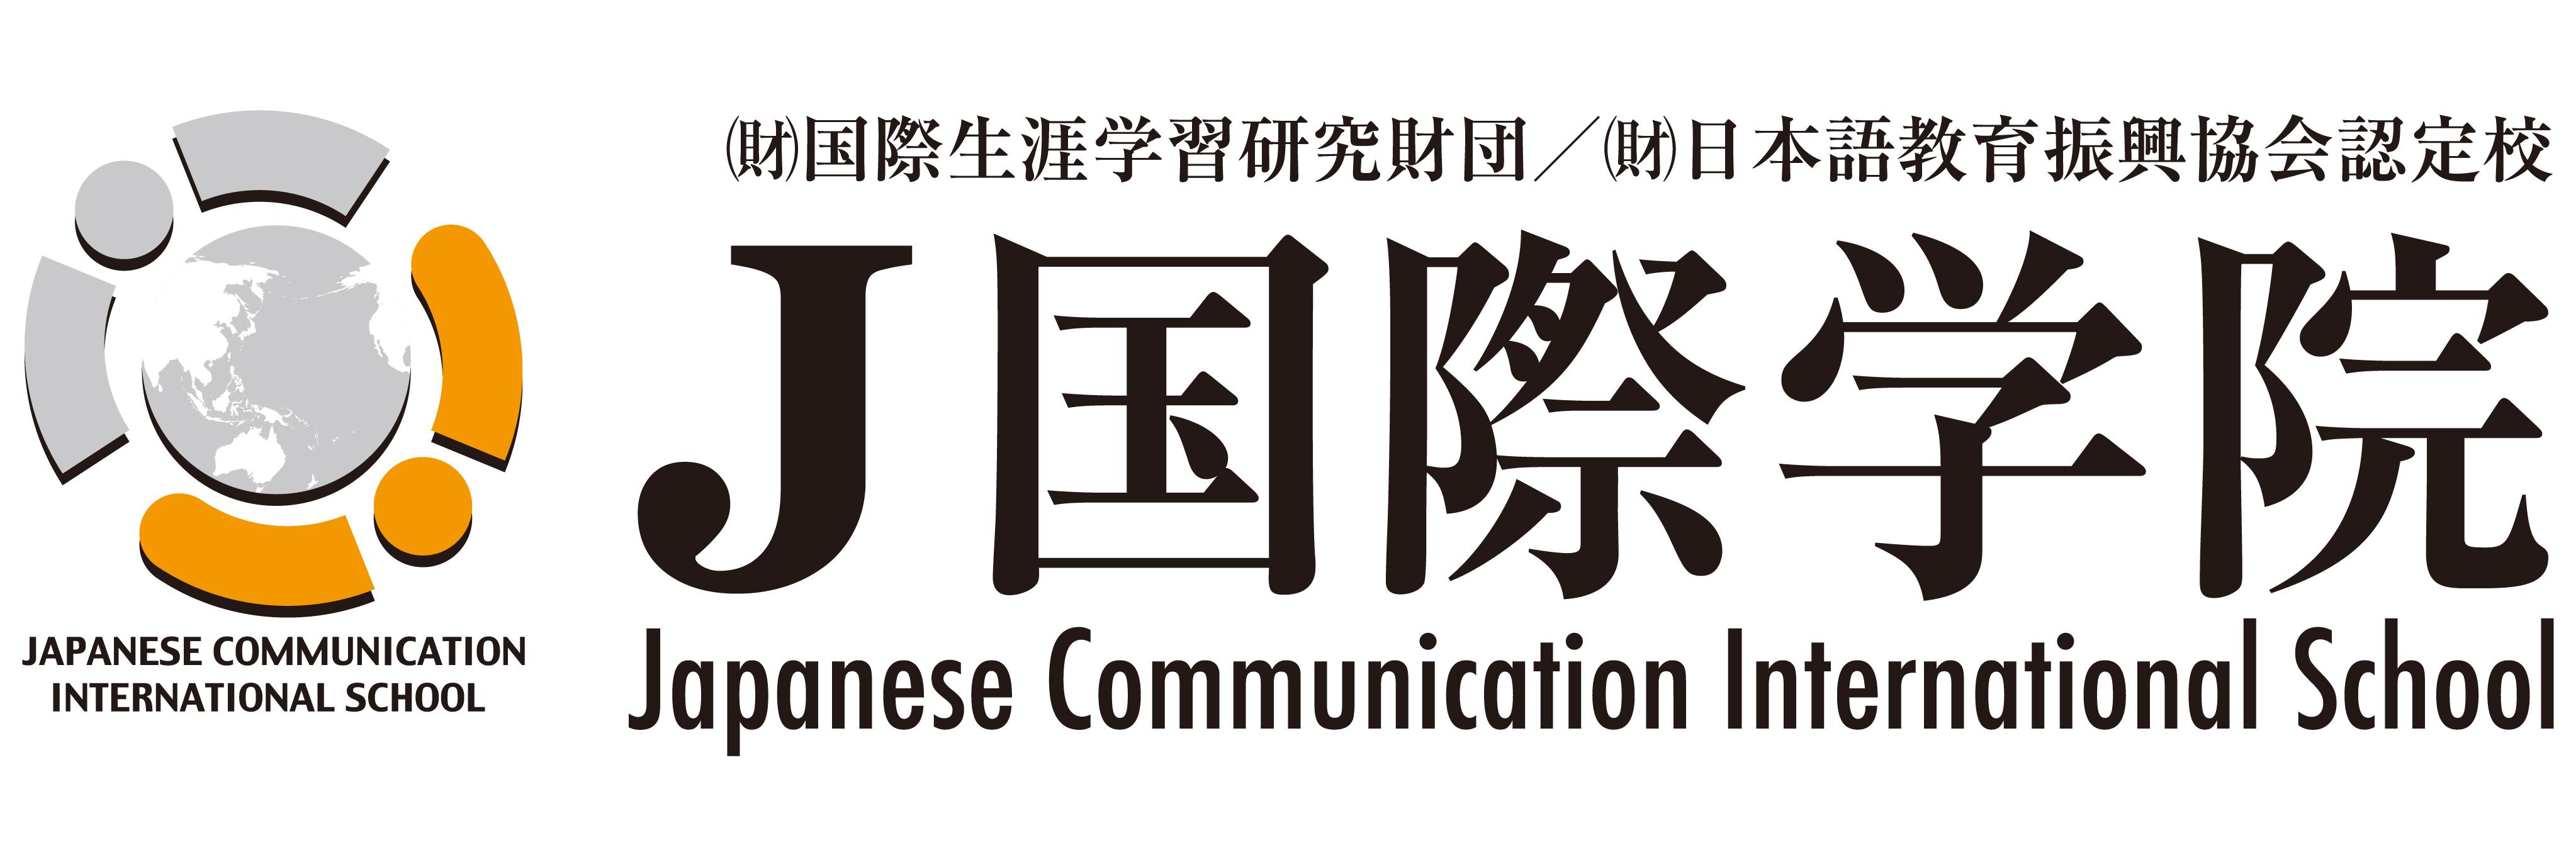 日本交流国际学校